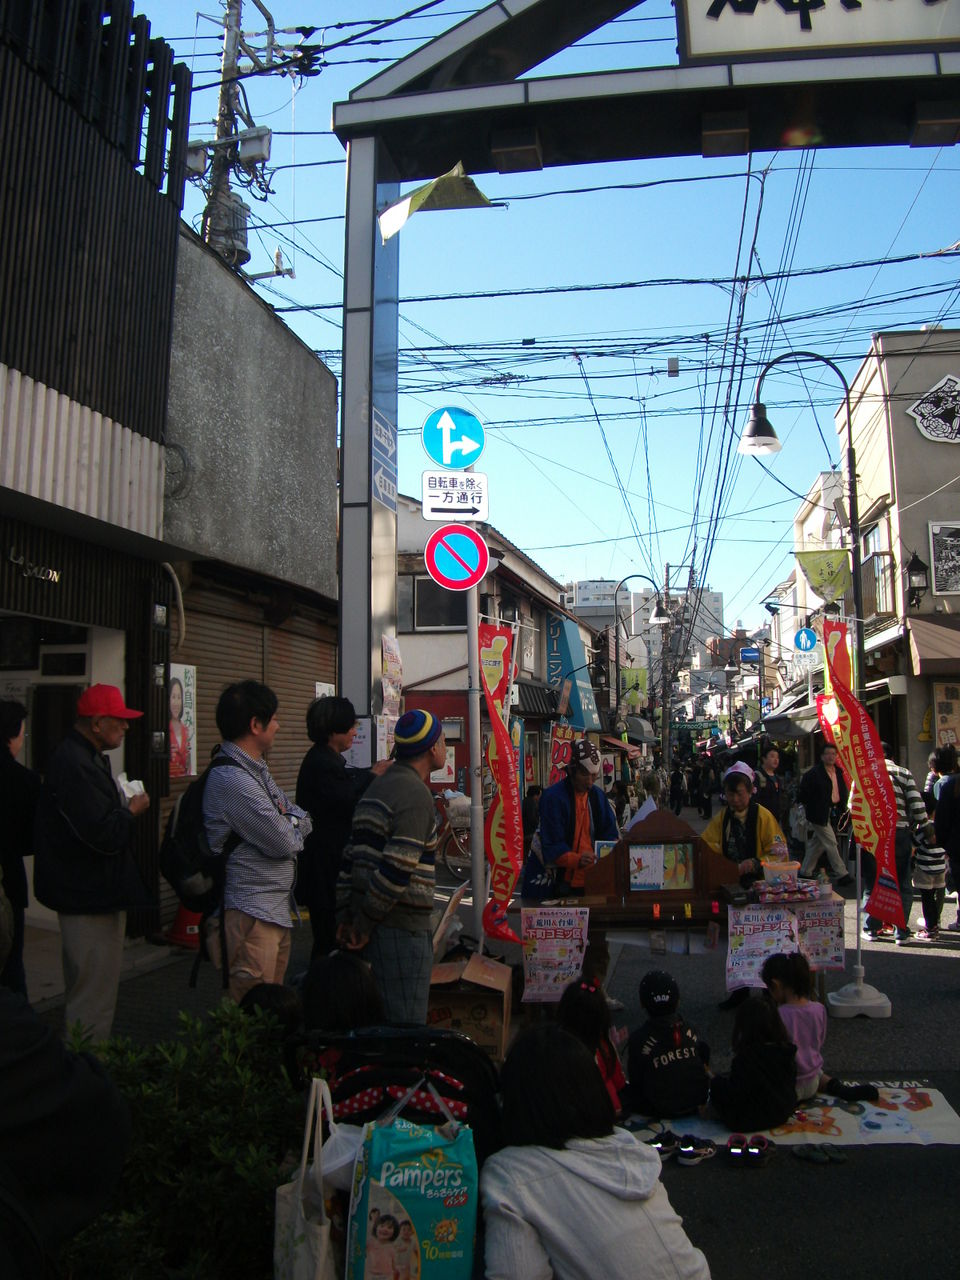 20121110隹キ荳ュ縺阪y繧薙&繧兔DSCF2555